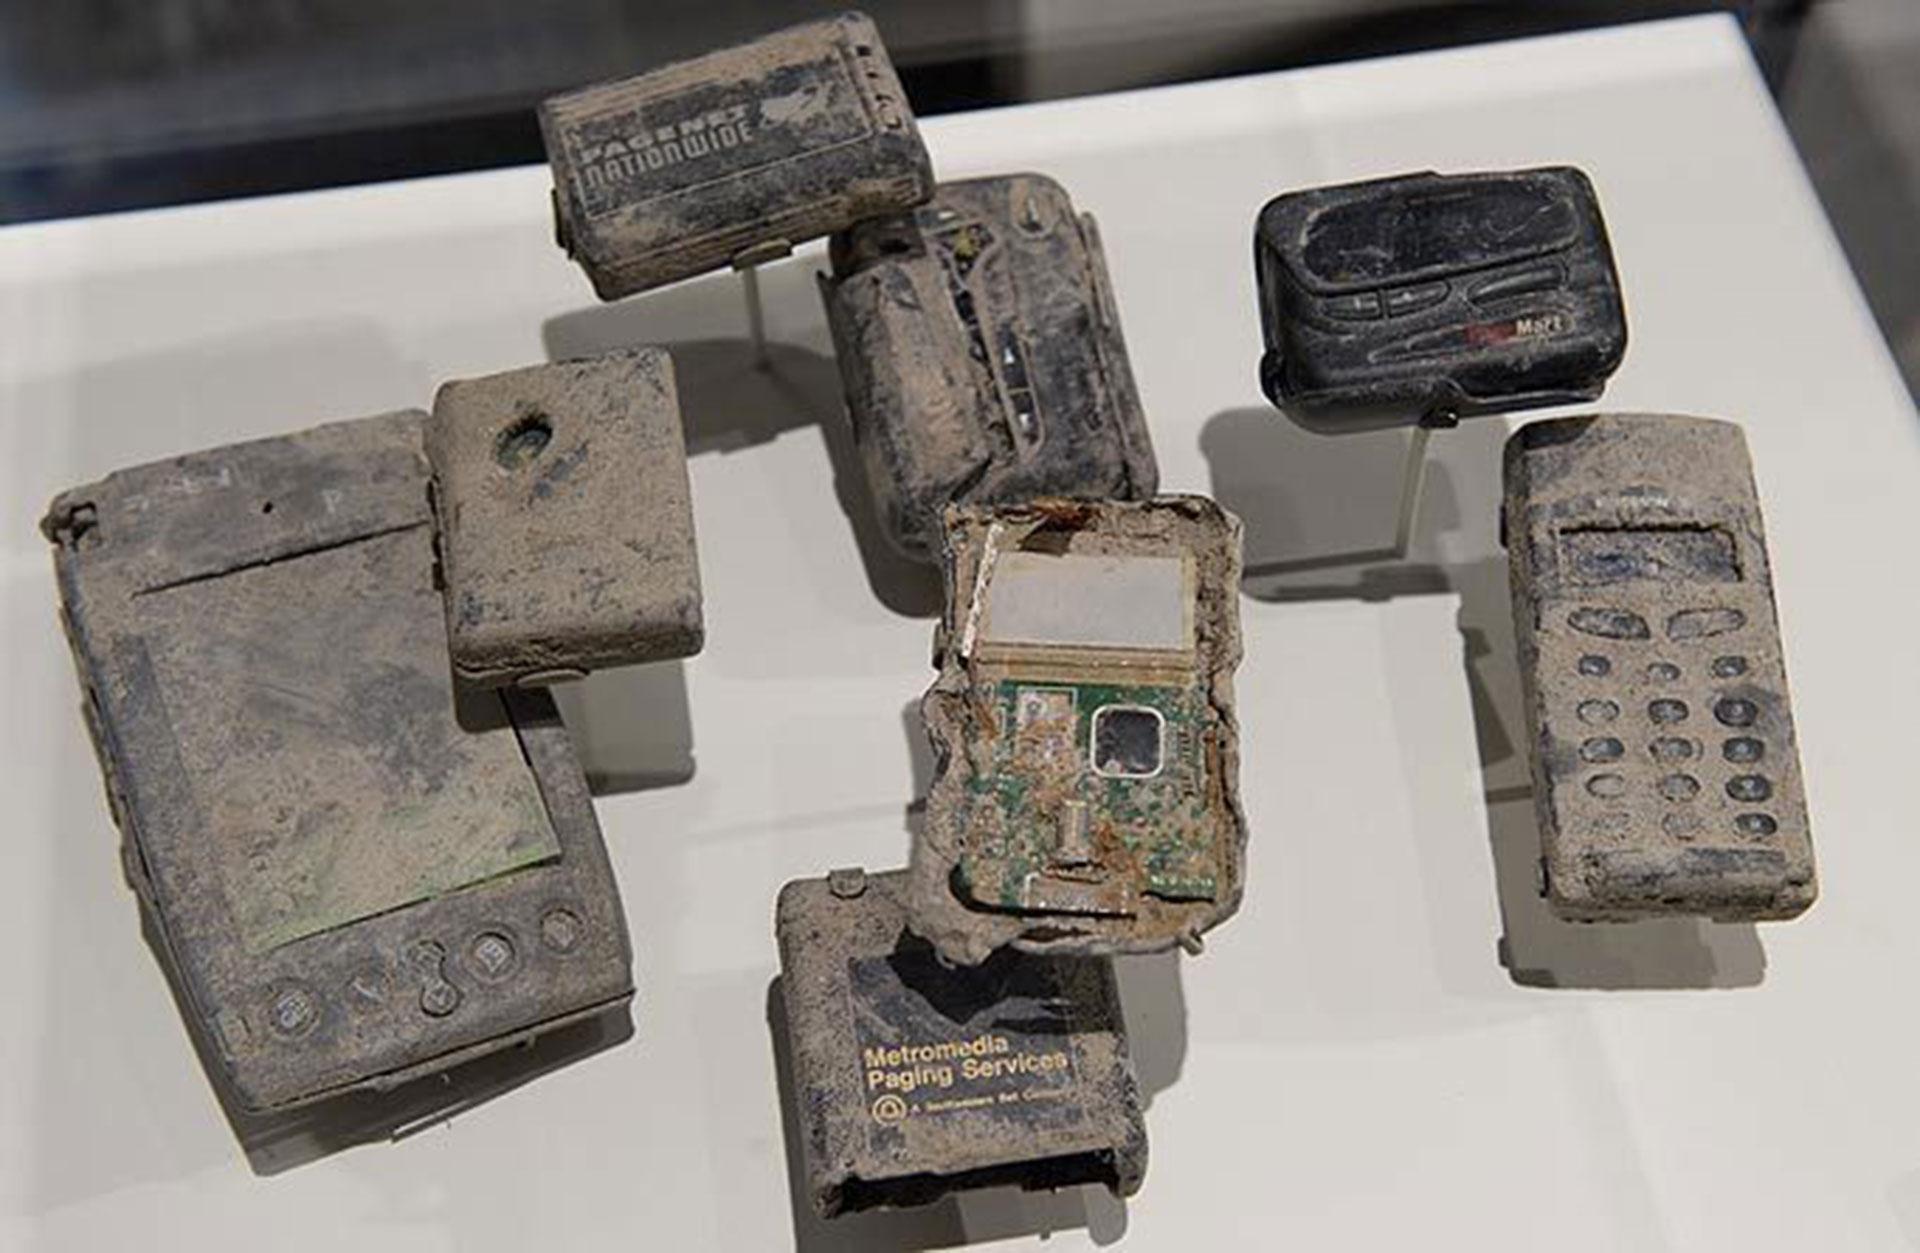 Teléfonos celulares, localizadores y dispositivos Palm Pilot calcinados y cubiertos de polvo